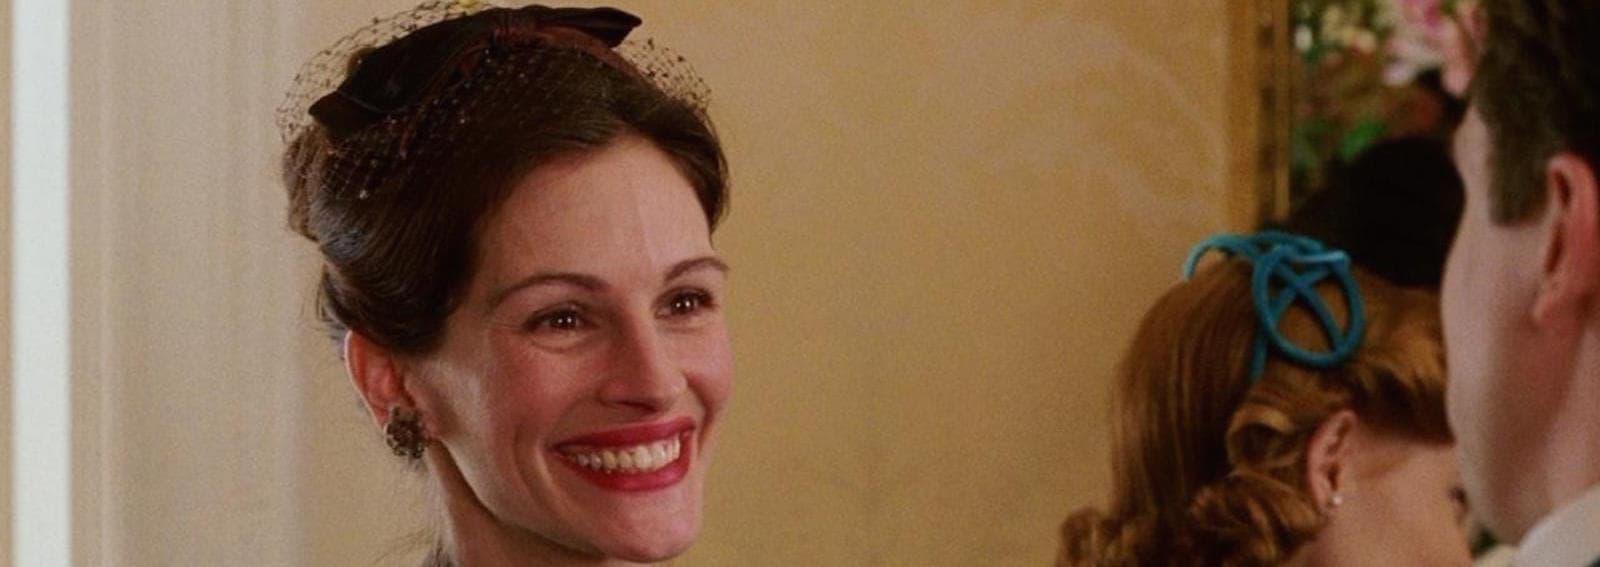 Julia Roberts rossetto rosso